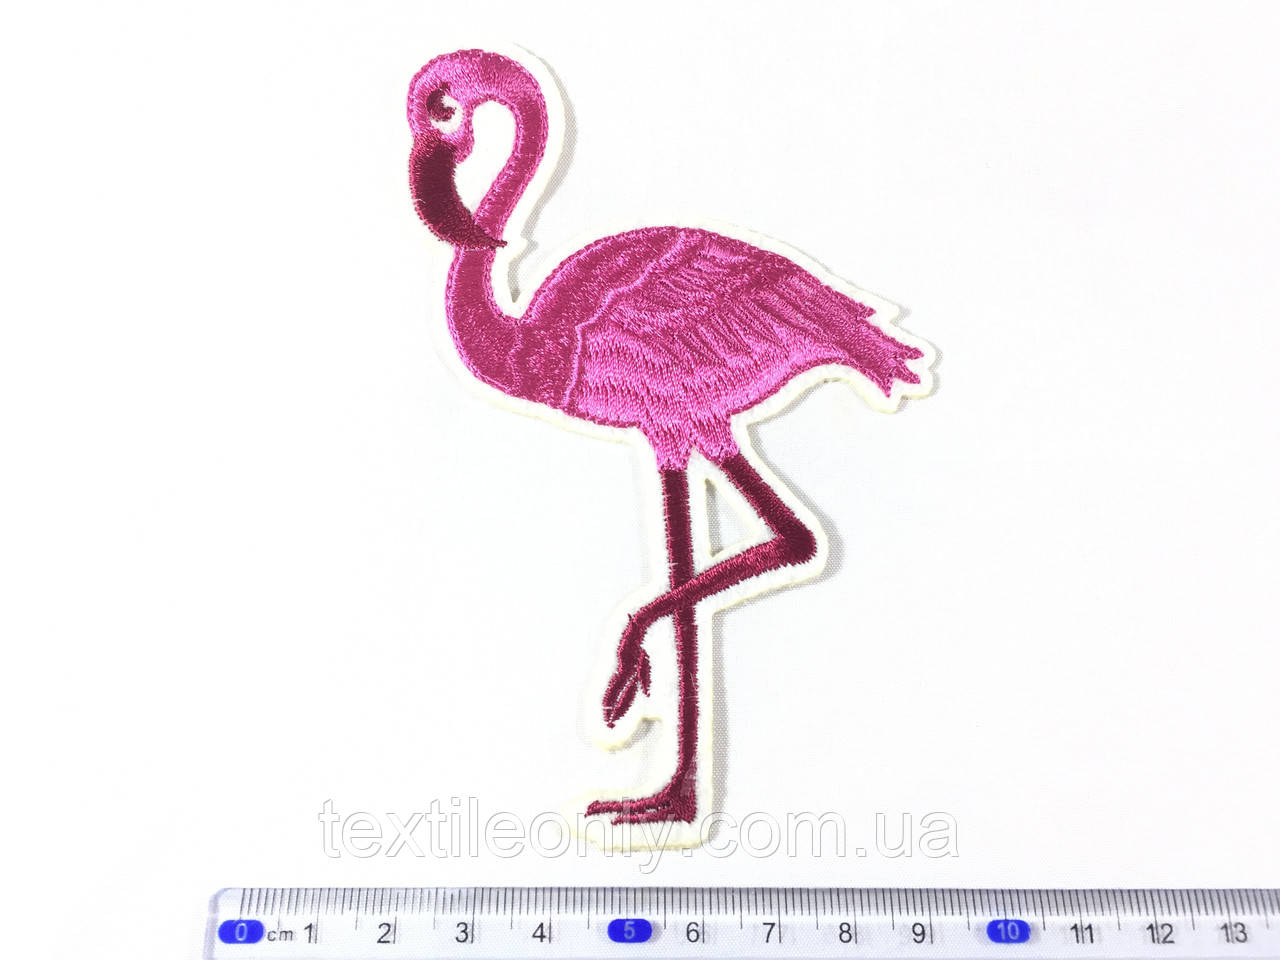 вышивка фламинго что означает